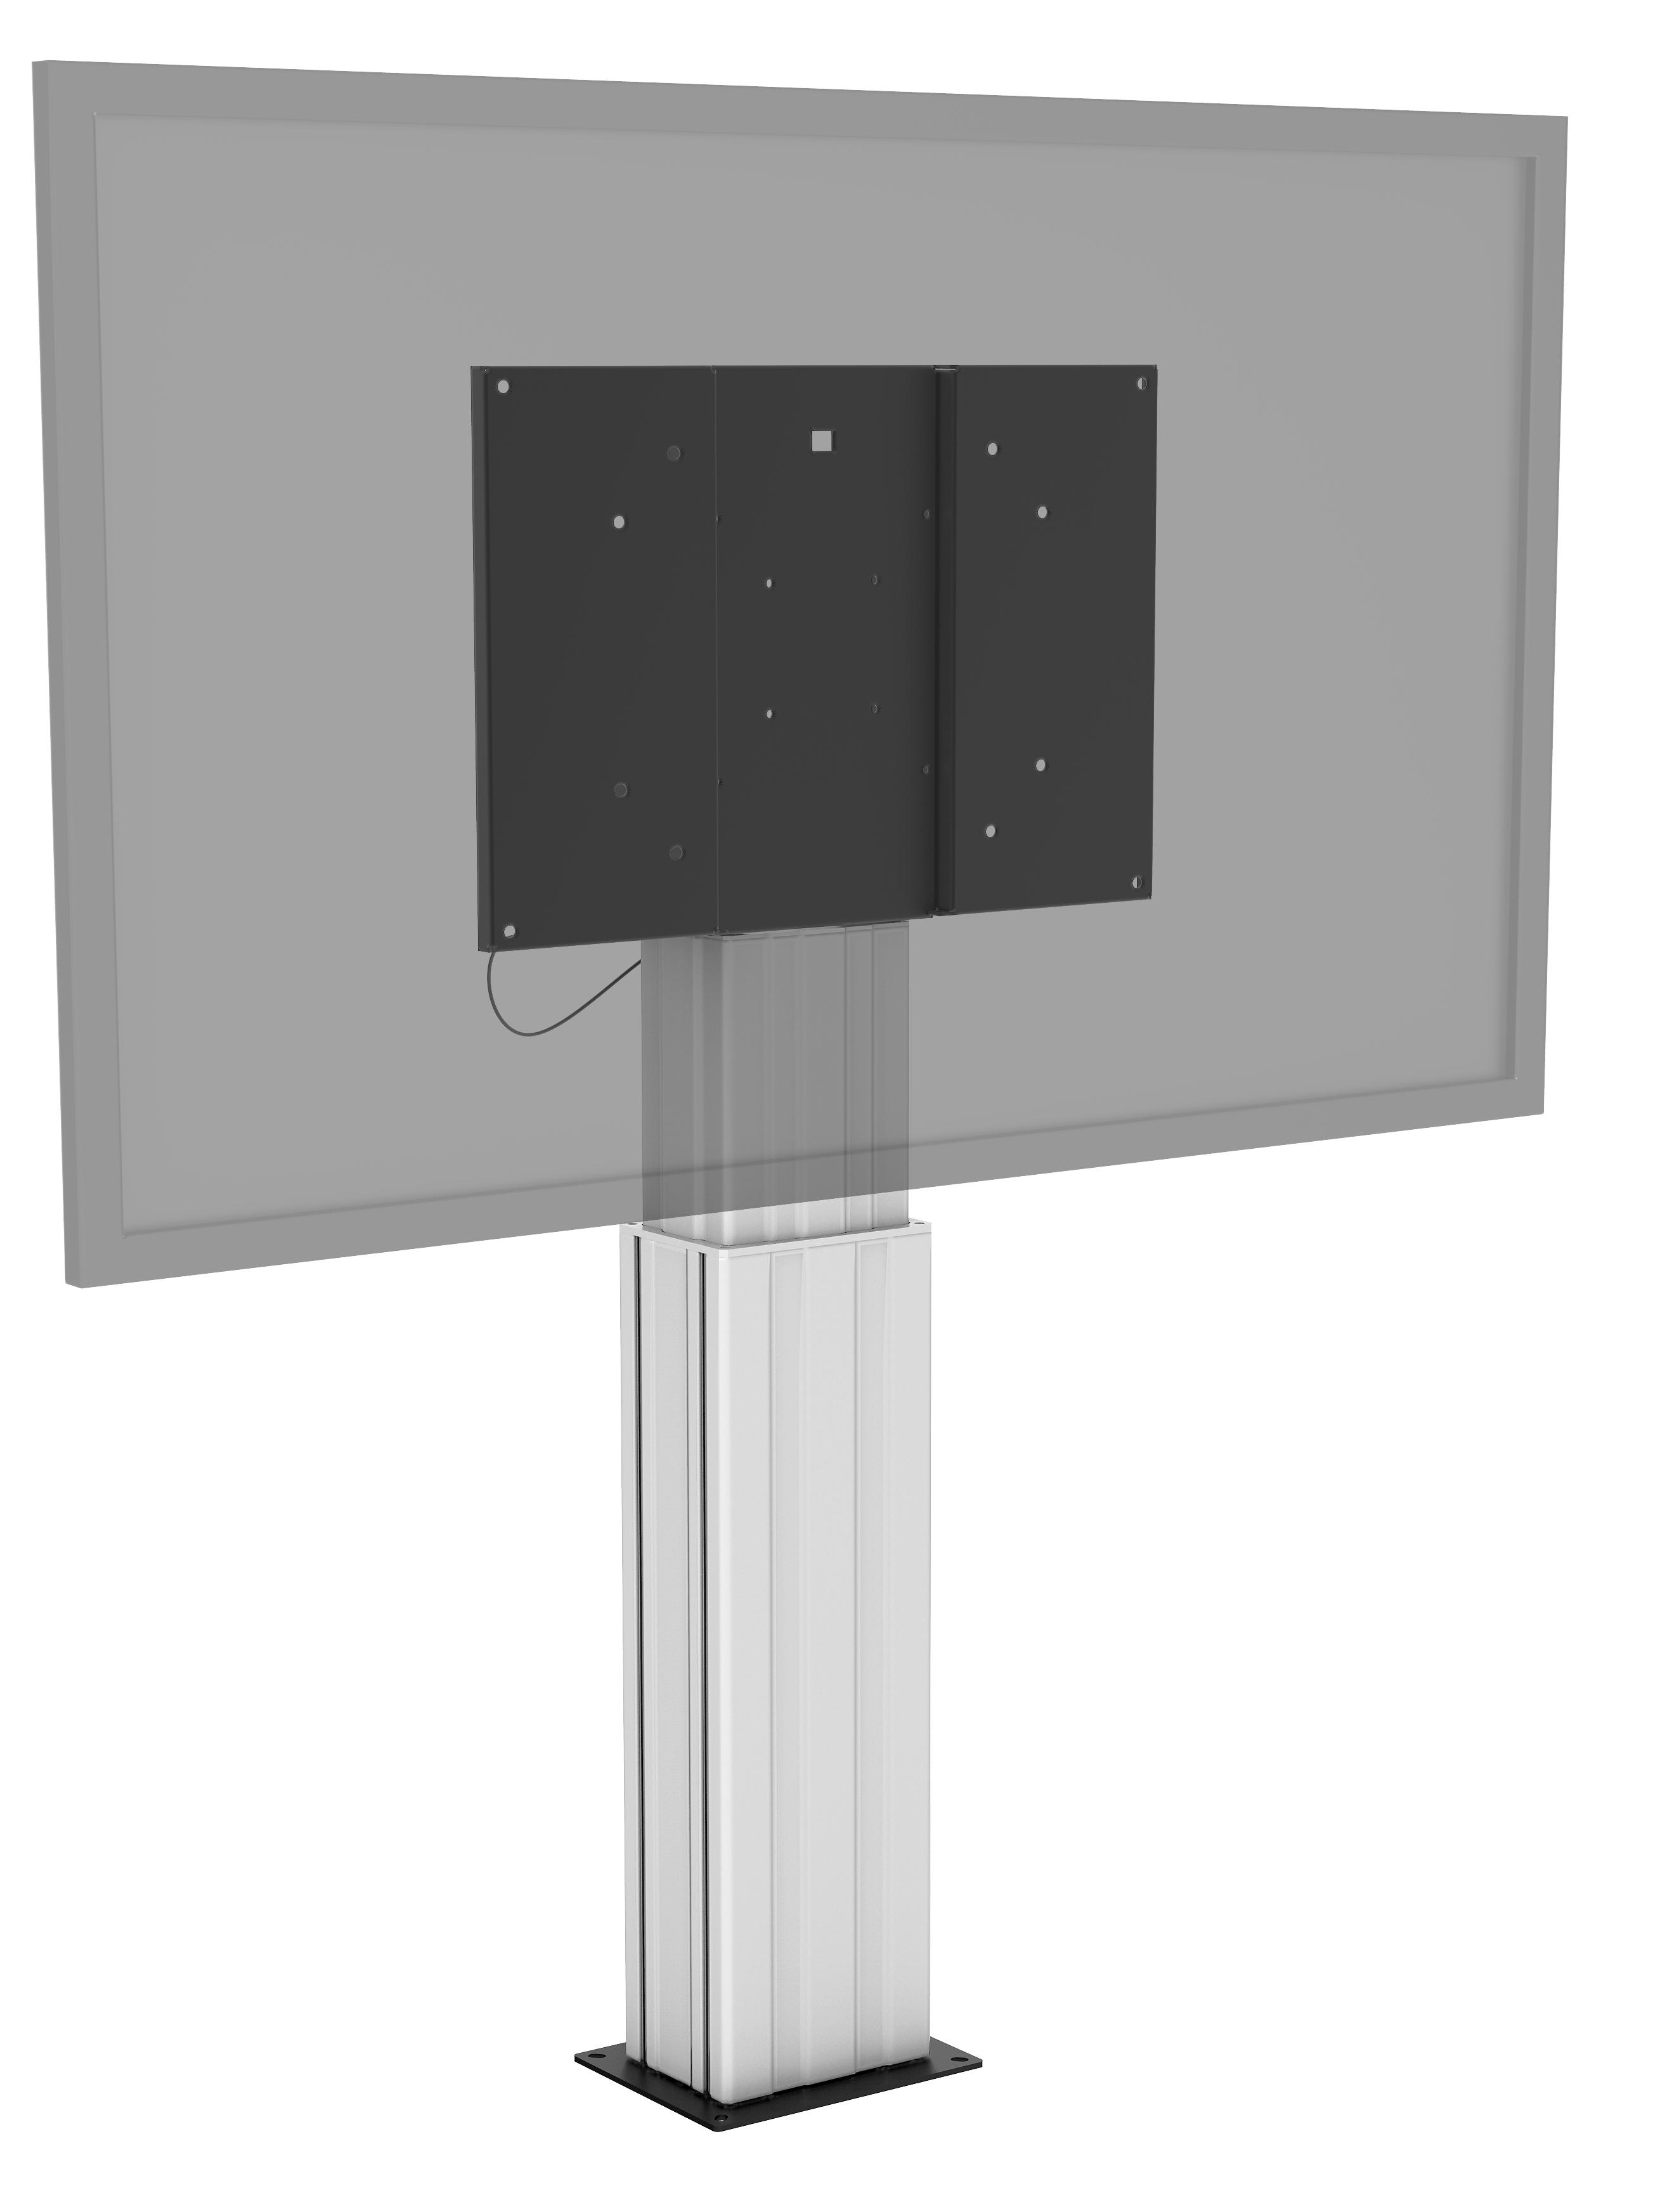 Vision TM-IFP2 flat panel floorstand